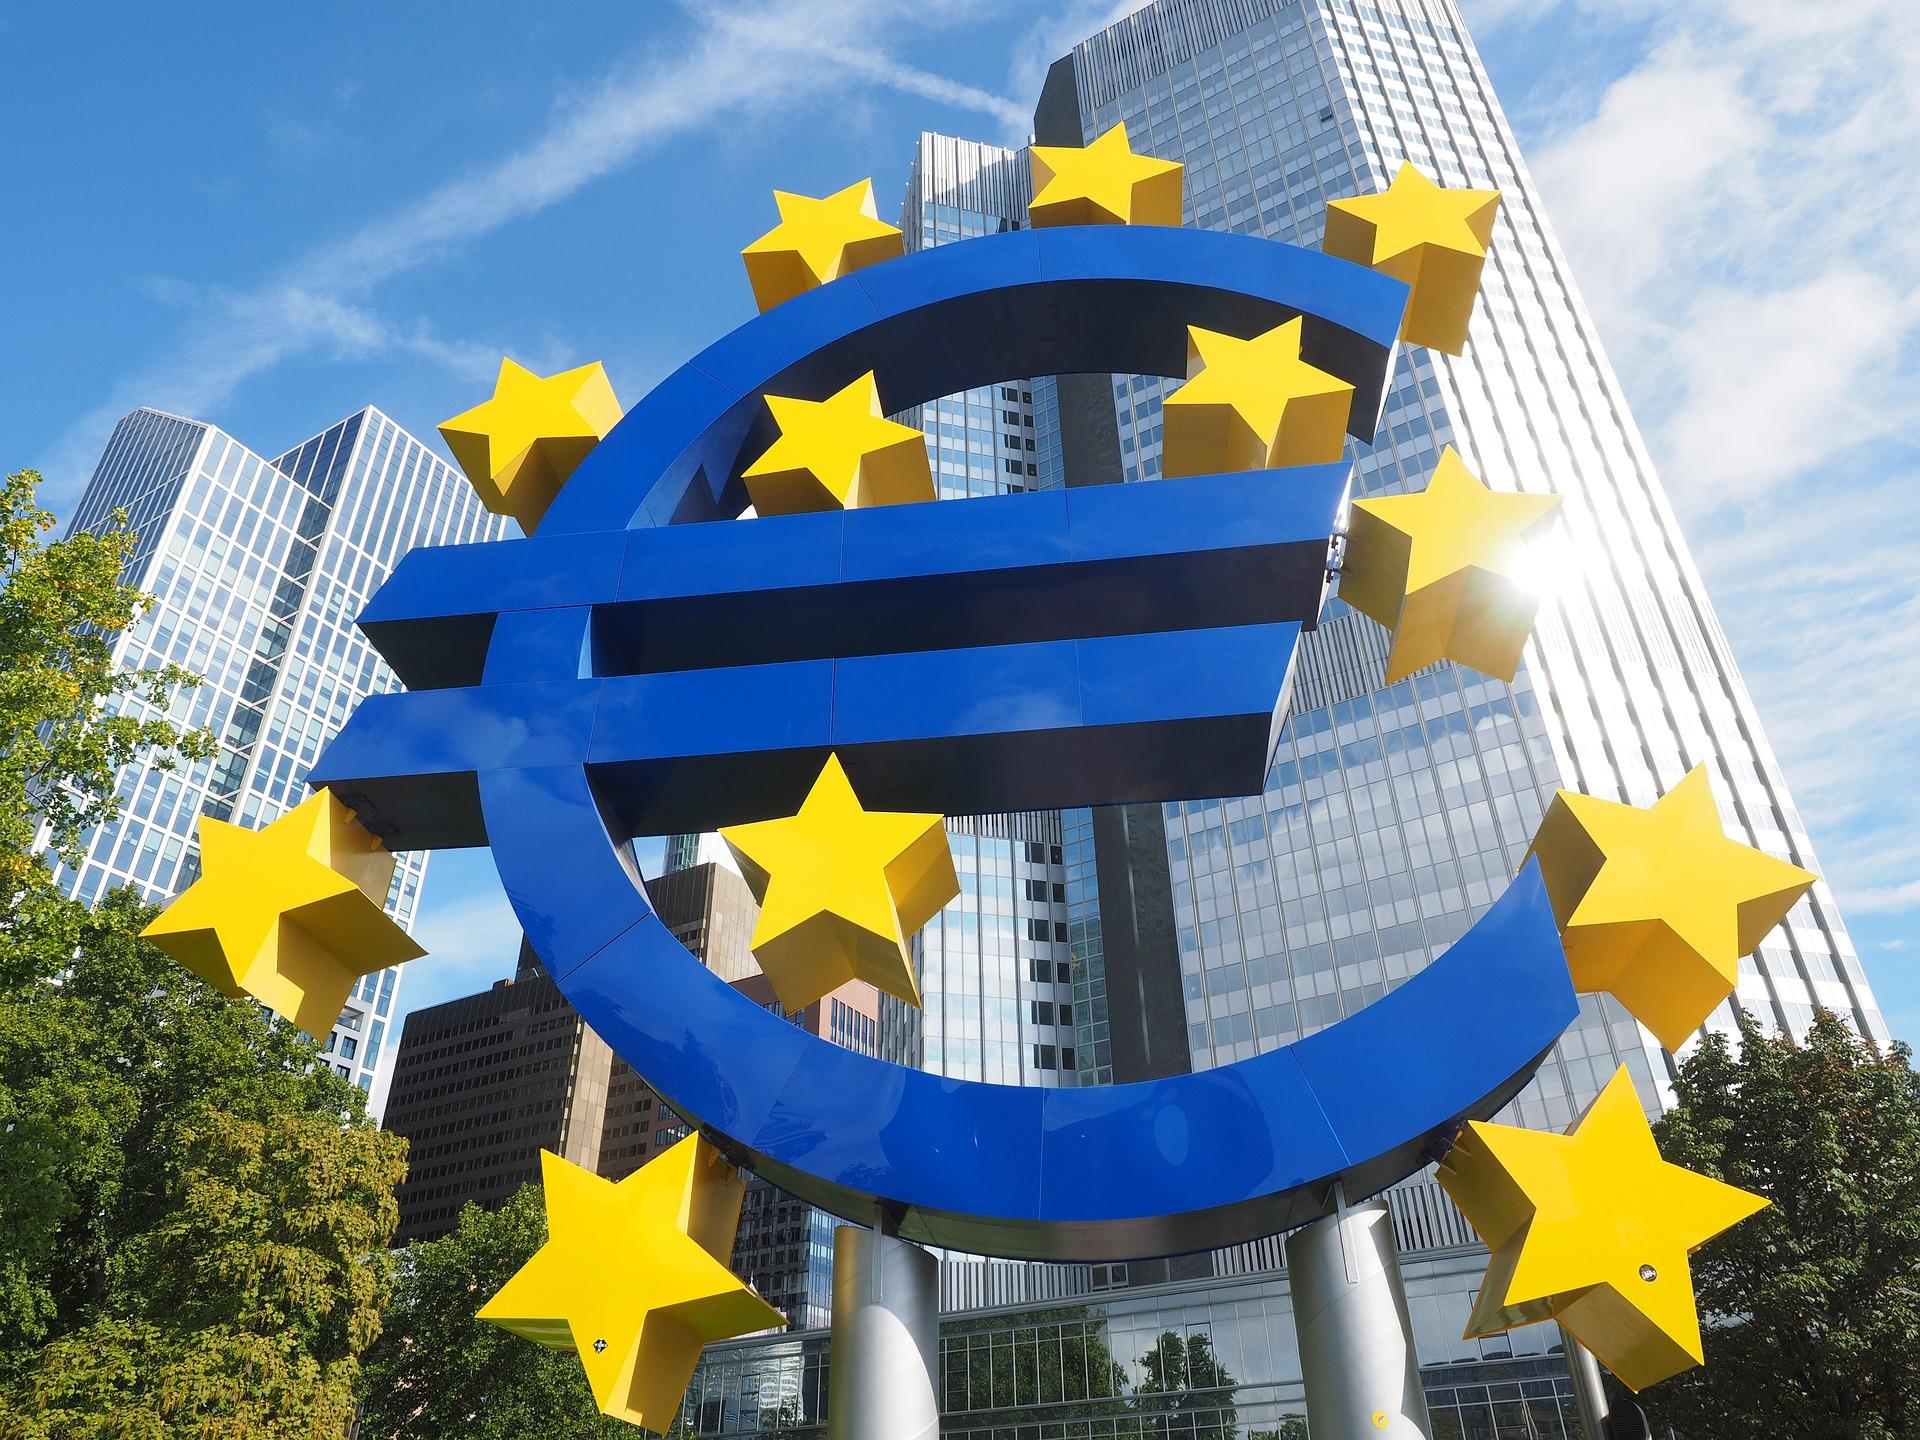 Taxa de desemprego na zona do euro permanece em 7,5% em novembro de 2019